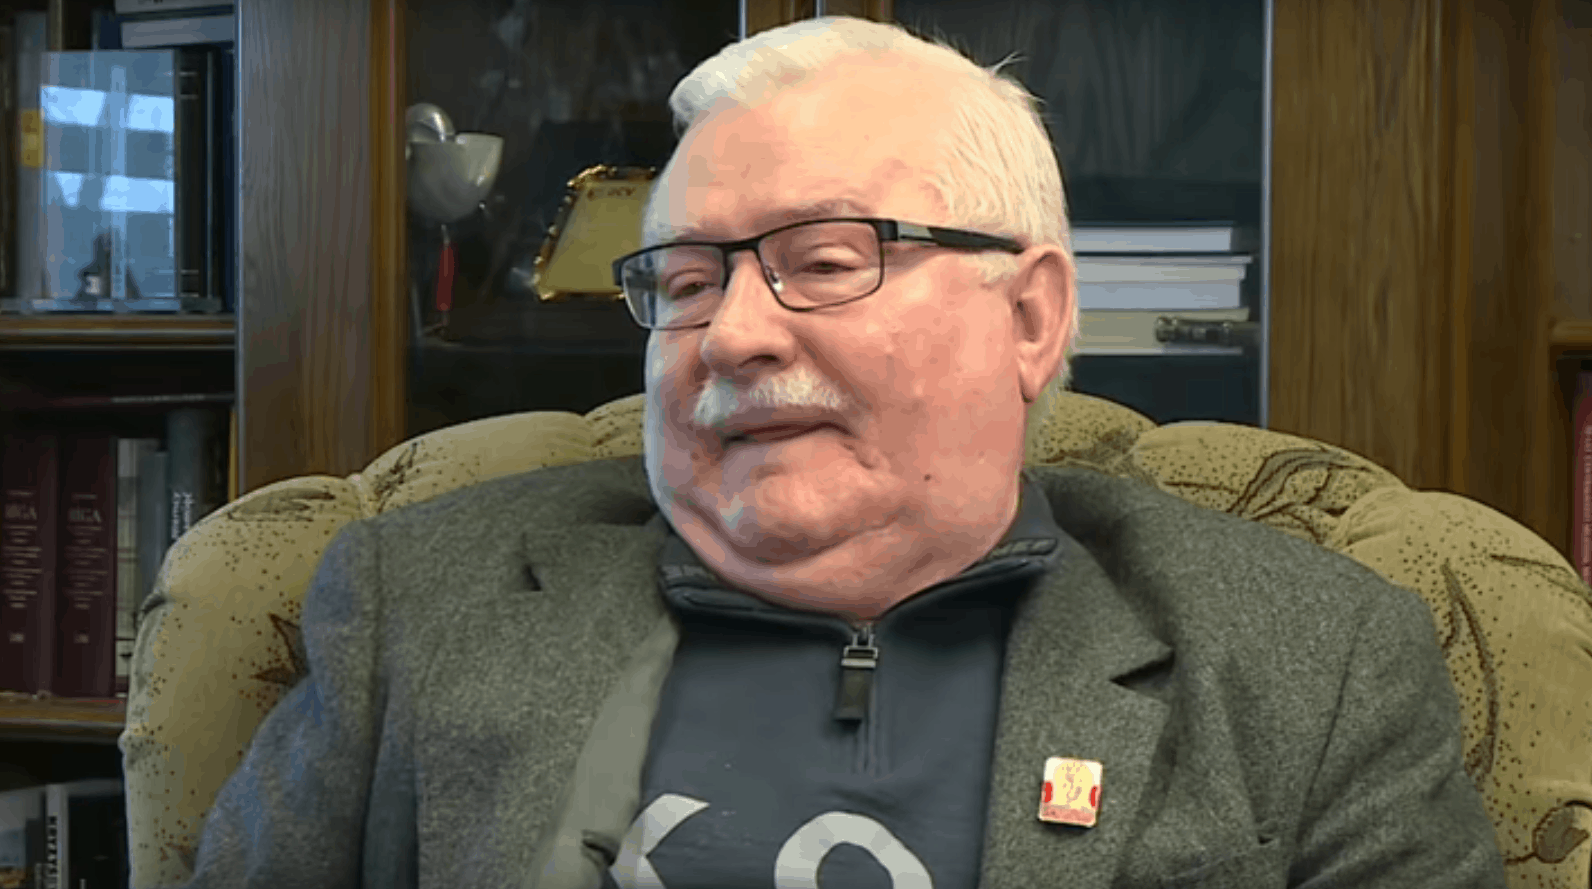 Wałęsa i Birma. Lech Wałęsa to ikona takich polskich partii takich jak Koalicja Obywatelska (Platforma Obywatelska) oraz Polskie Stronnictwo Ludowe